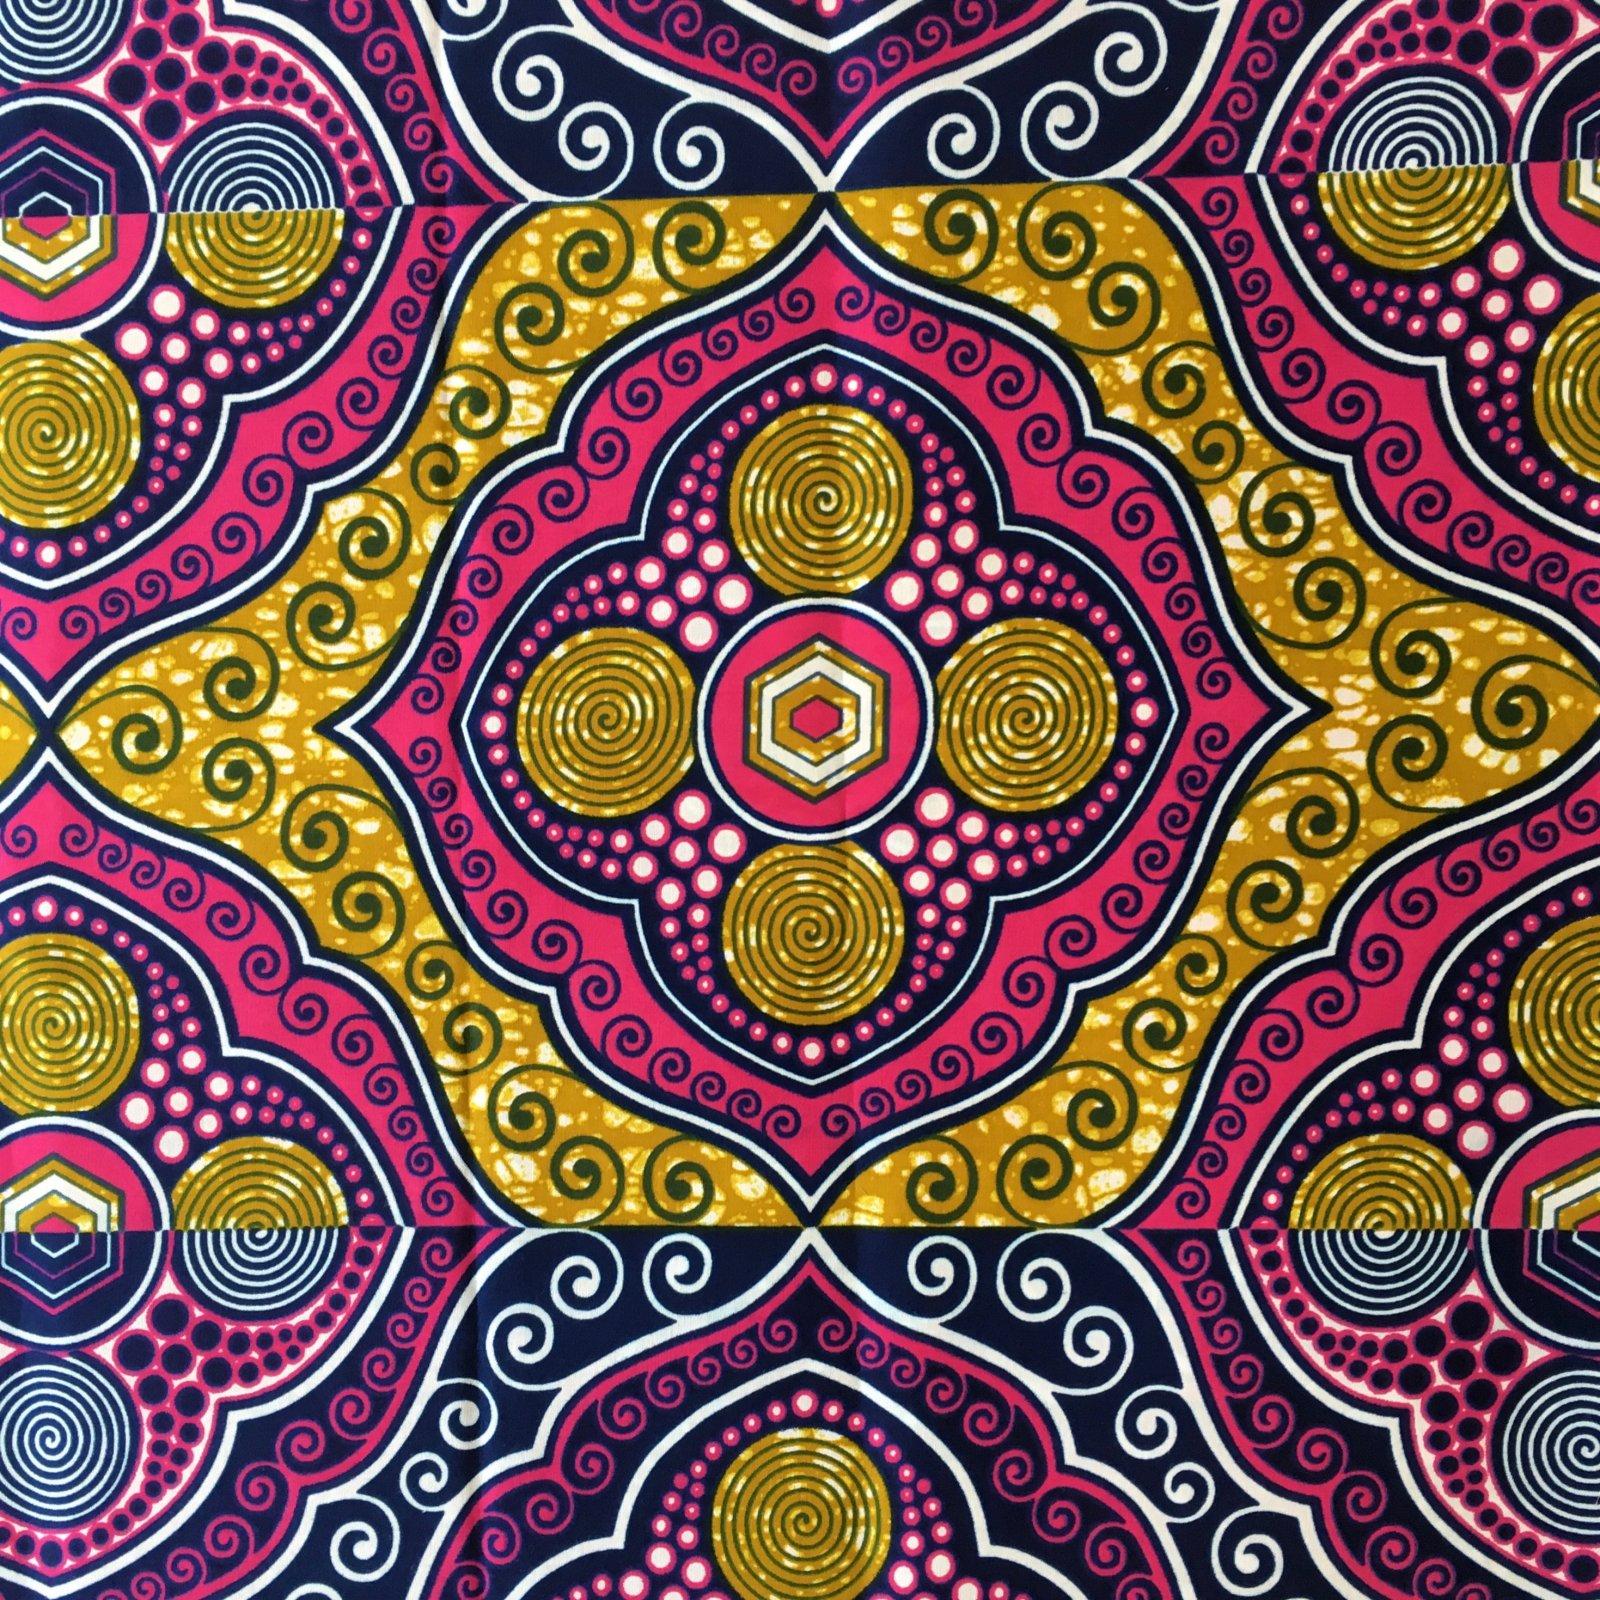 2.875 Yard Cut African Wax Block Fabric (Bani)